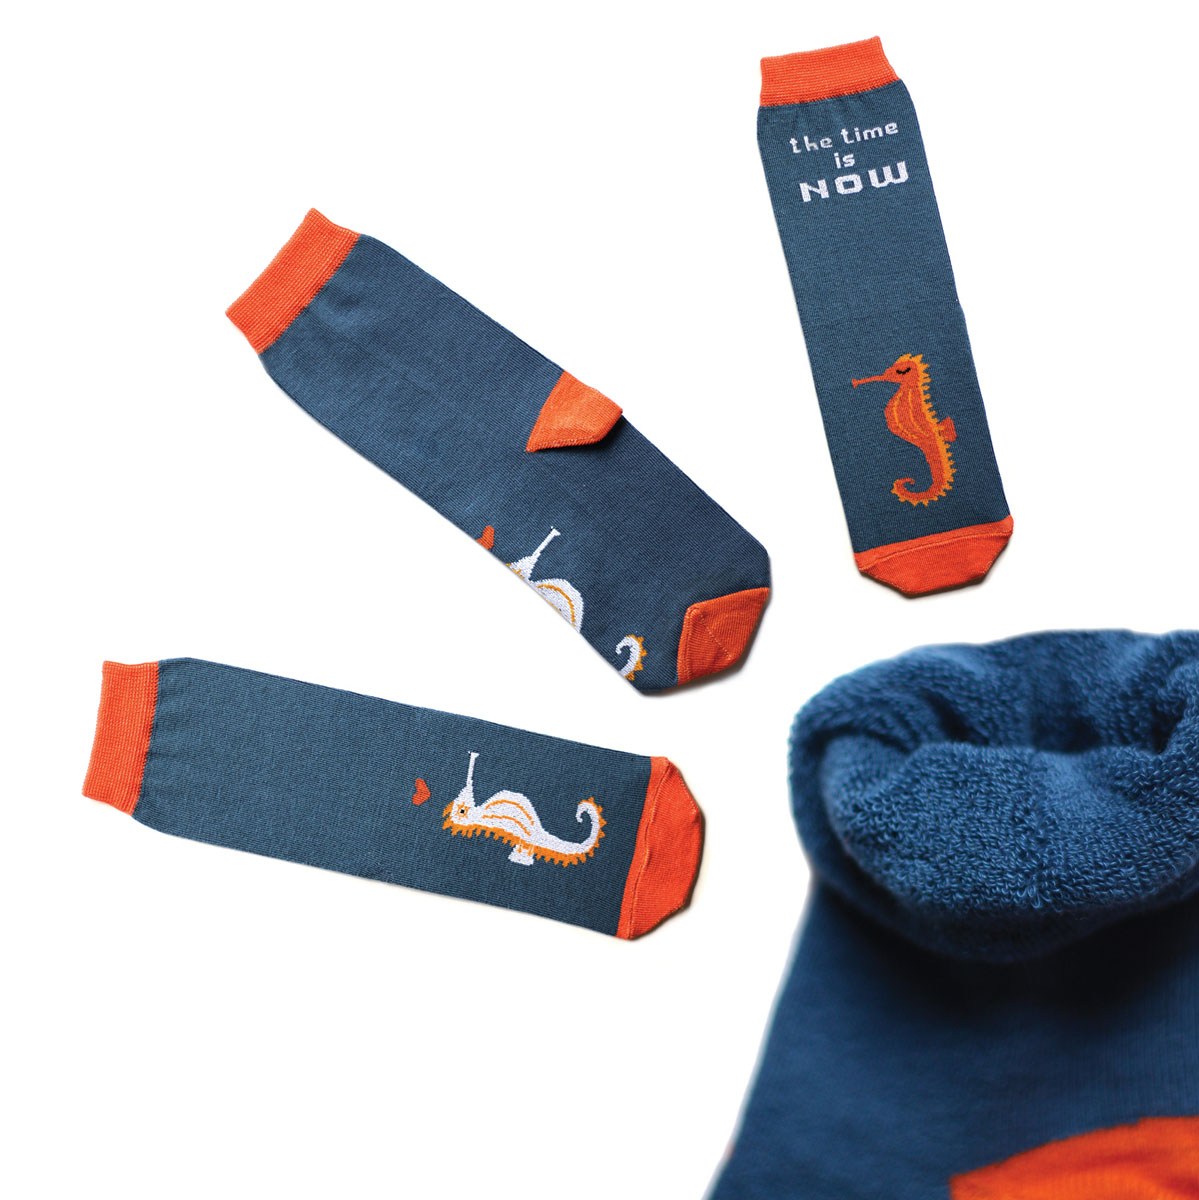 Фото Носки мужские Big Bang Socks, махровые, цвет: синий, оранжевый. ca1933. Размер 40/44. Купить  в РФ